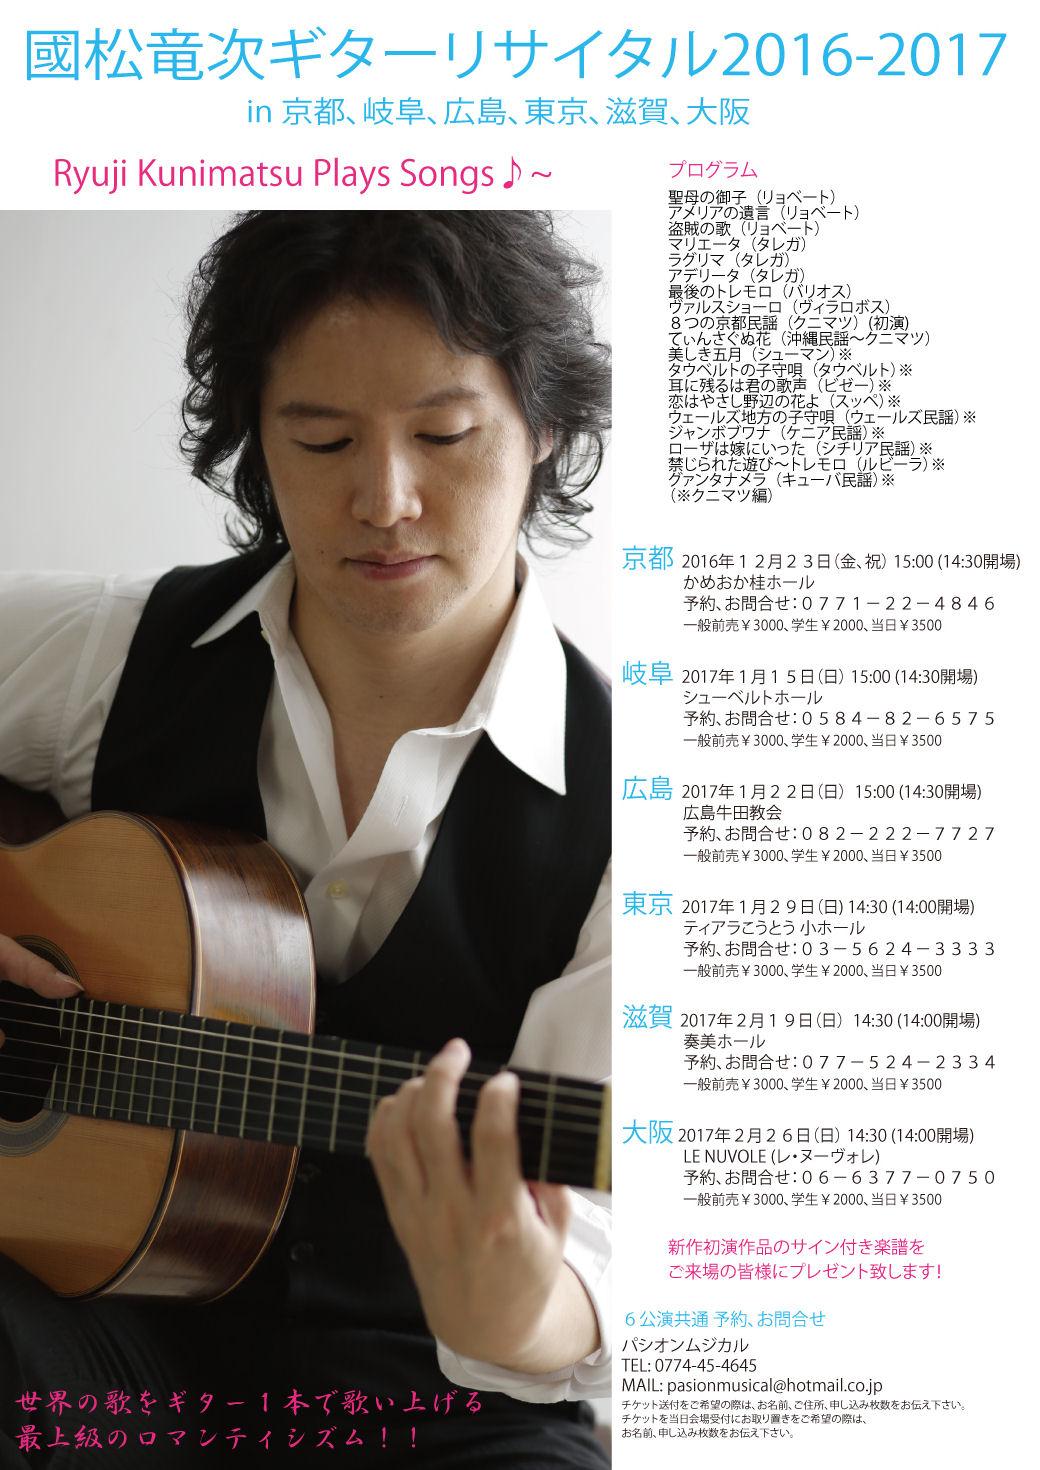 國松竜次ギターリサイタル2016-2017